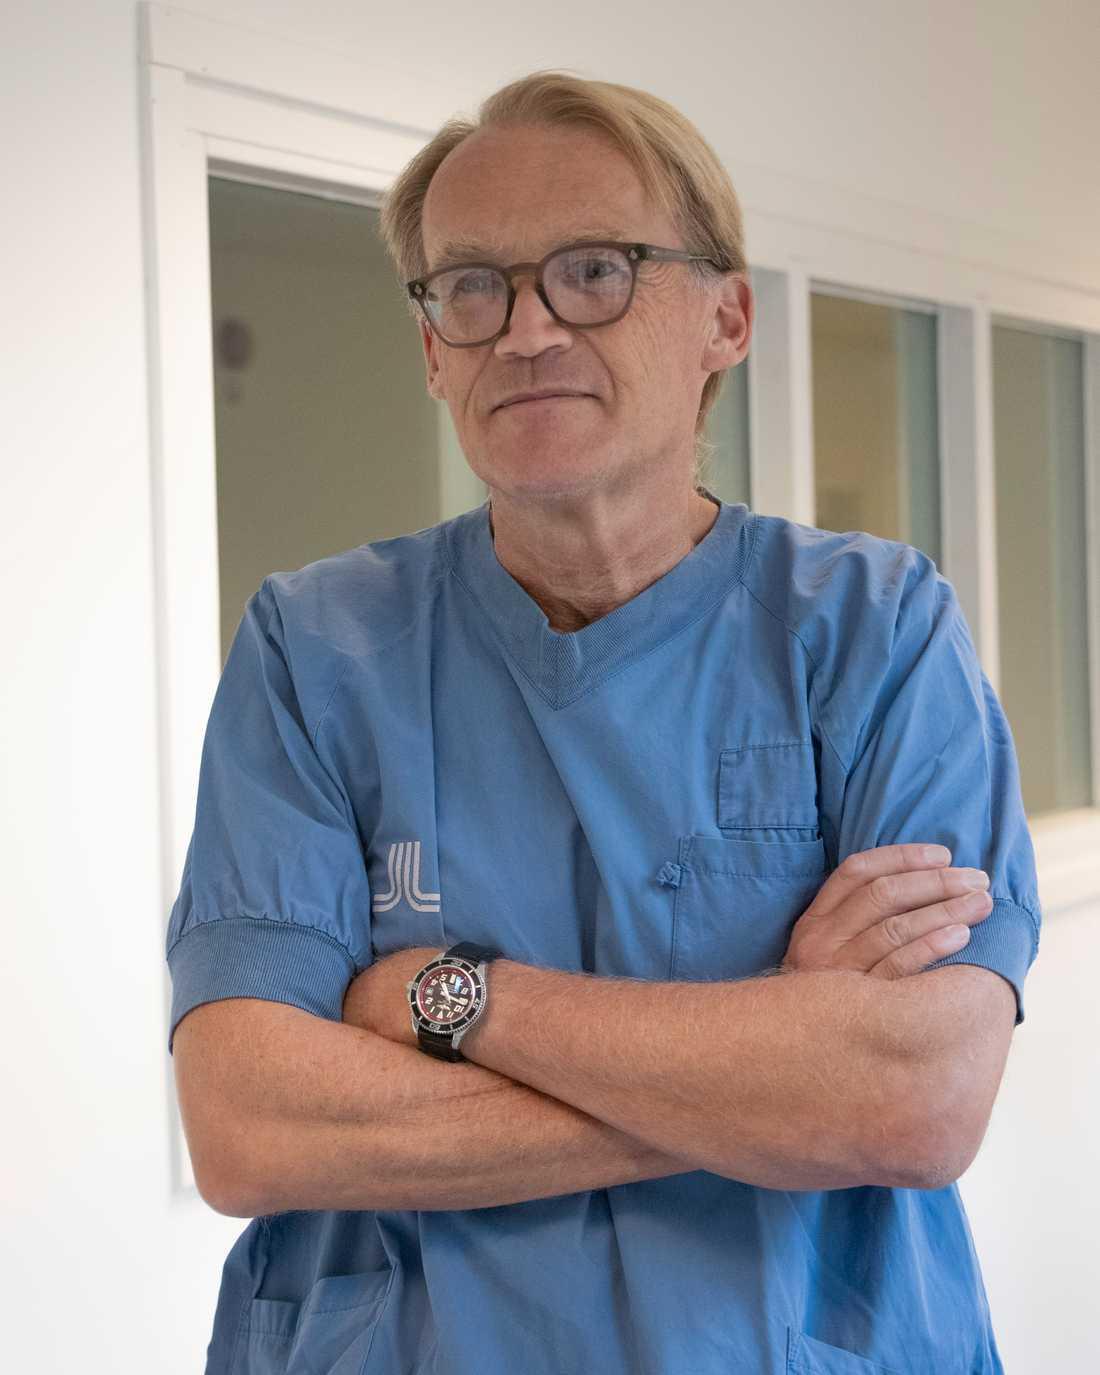 Johan Styrud, överläkare på Danderyds sjukhus.